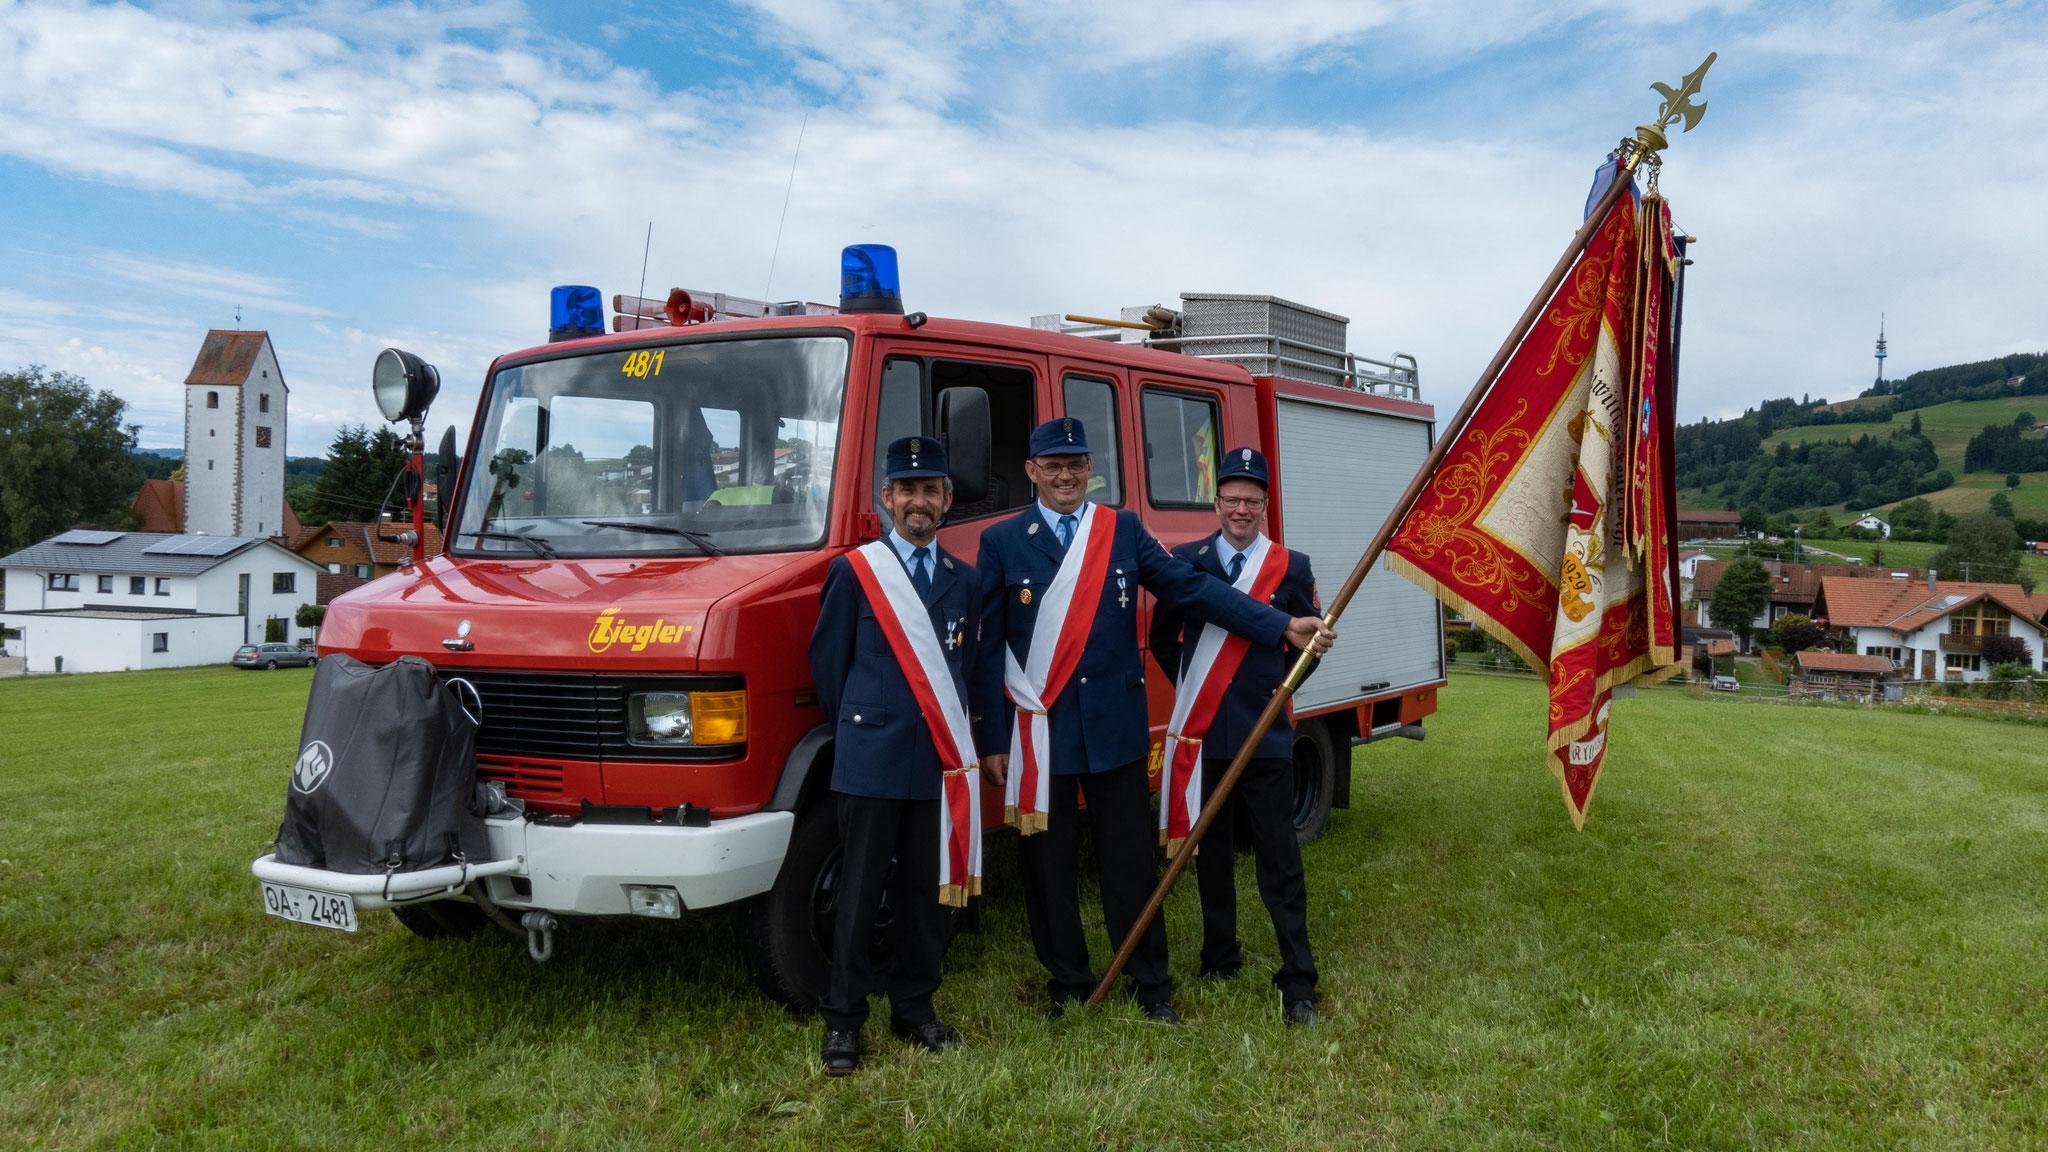 Freiwillige Feuerwehr Ermengerst - Fahnensektion